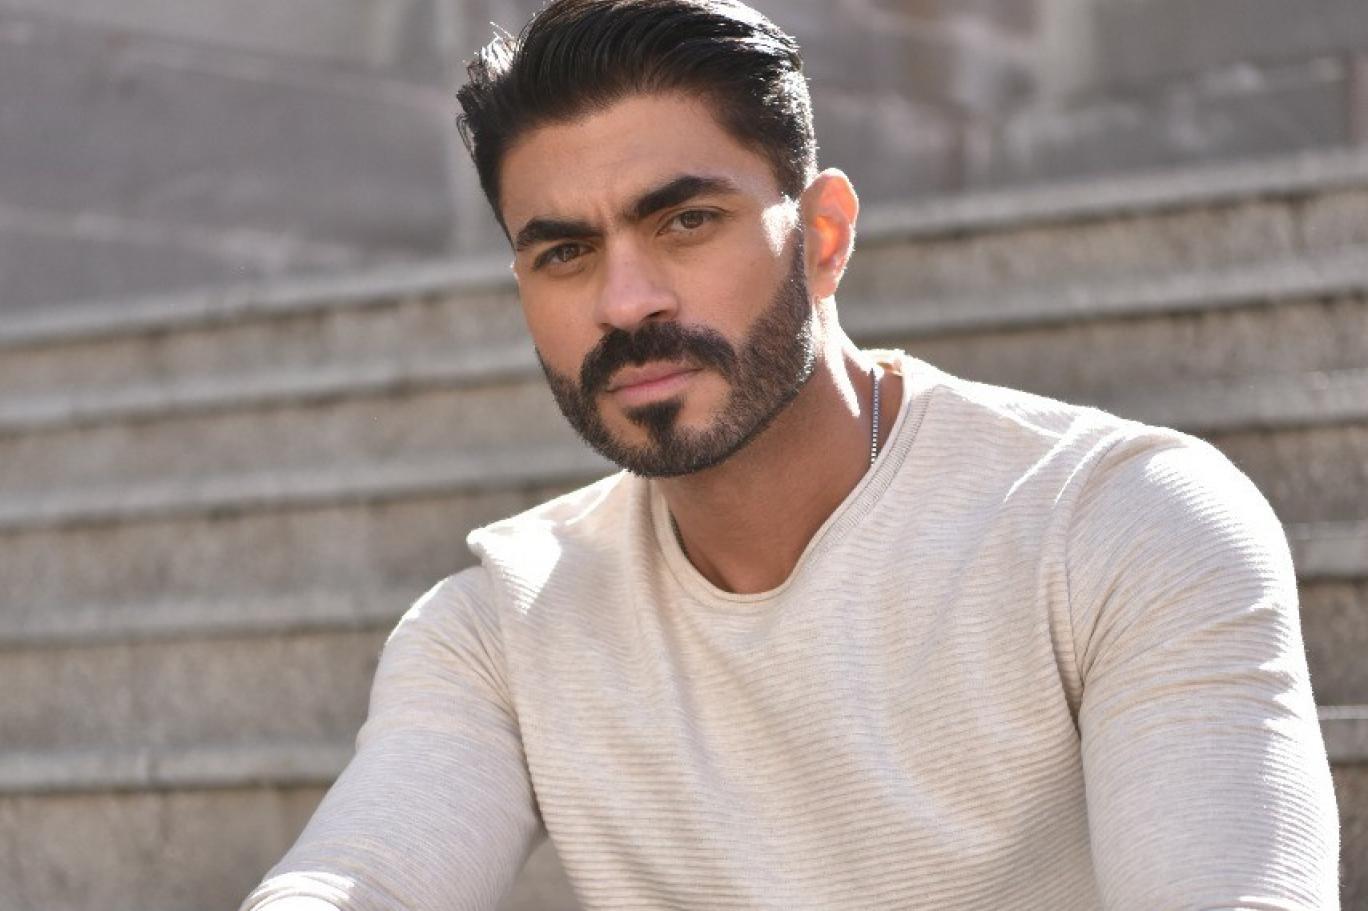 خالد سليم لا يخجل بثلاثية الغناء والتمثيل والتقديم | اندبندنت عربية